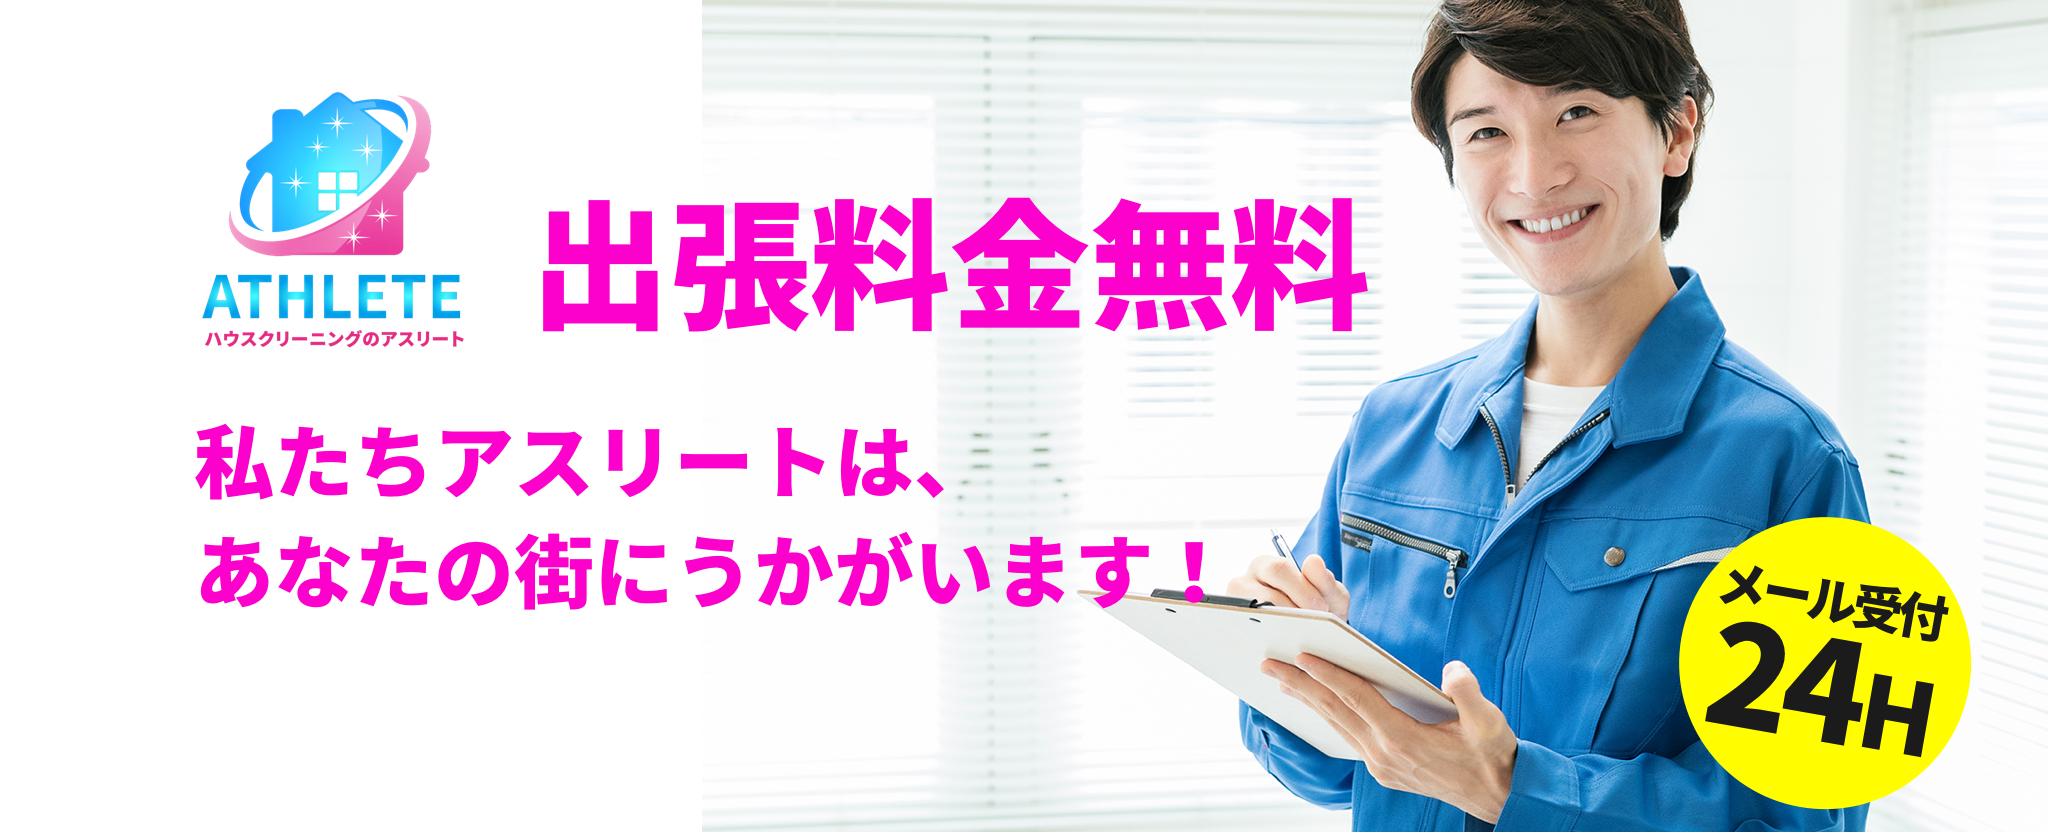 ハウスクリーニング 埼玉県さいたま市中央区